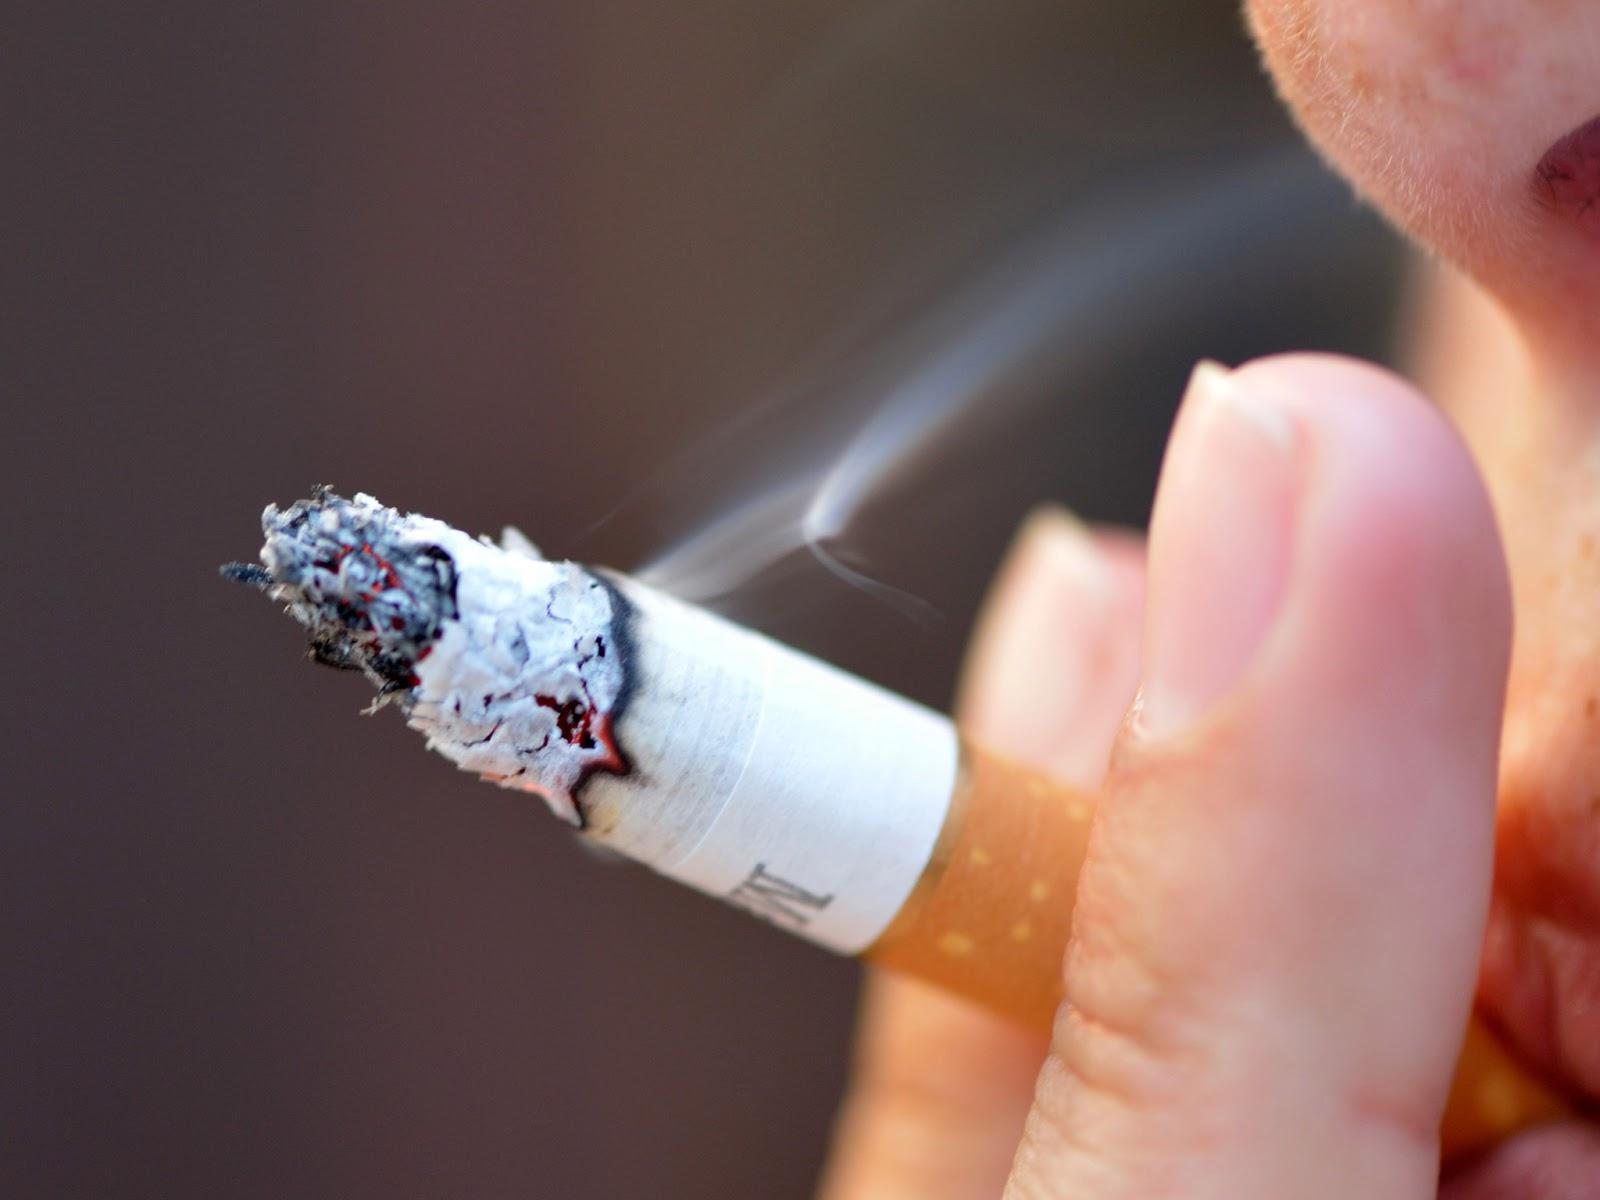 Aveia + uma calêndula para deixar de fumar